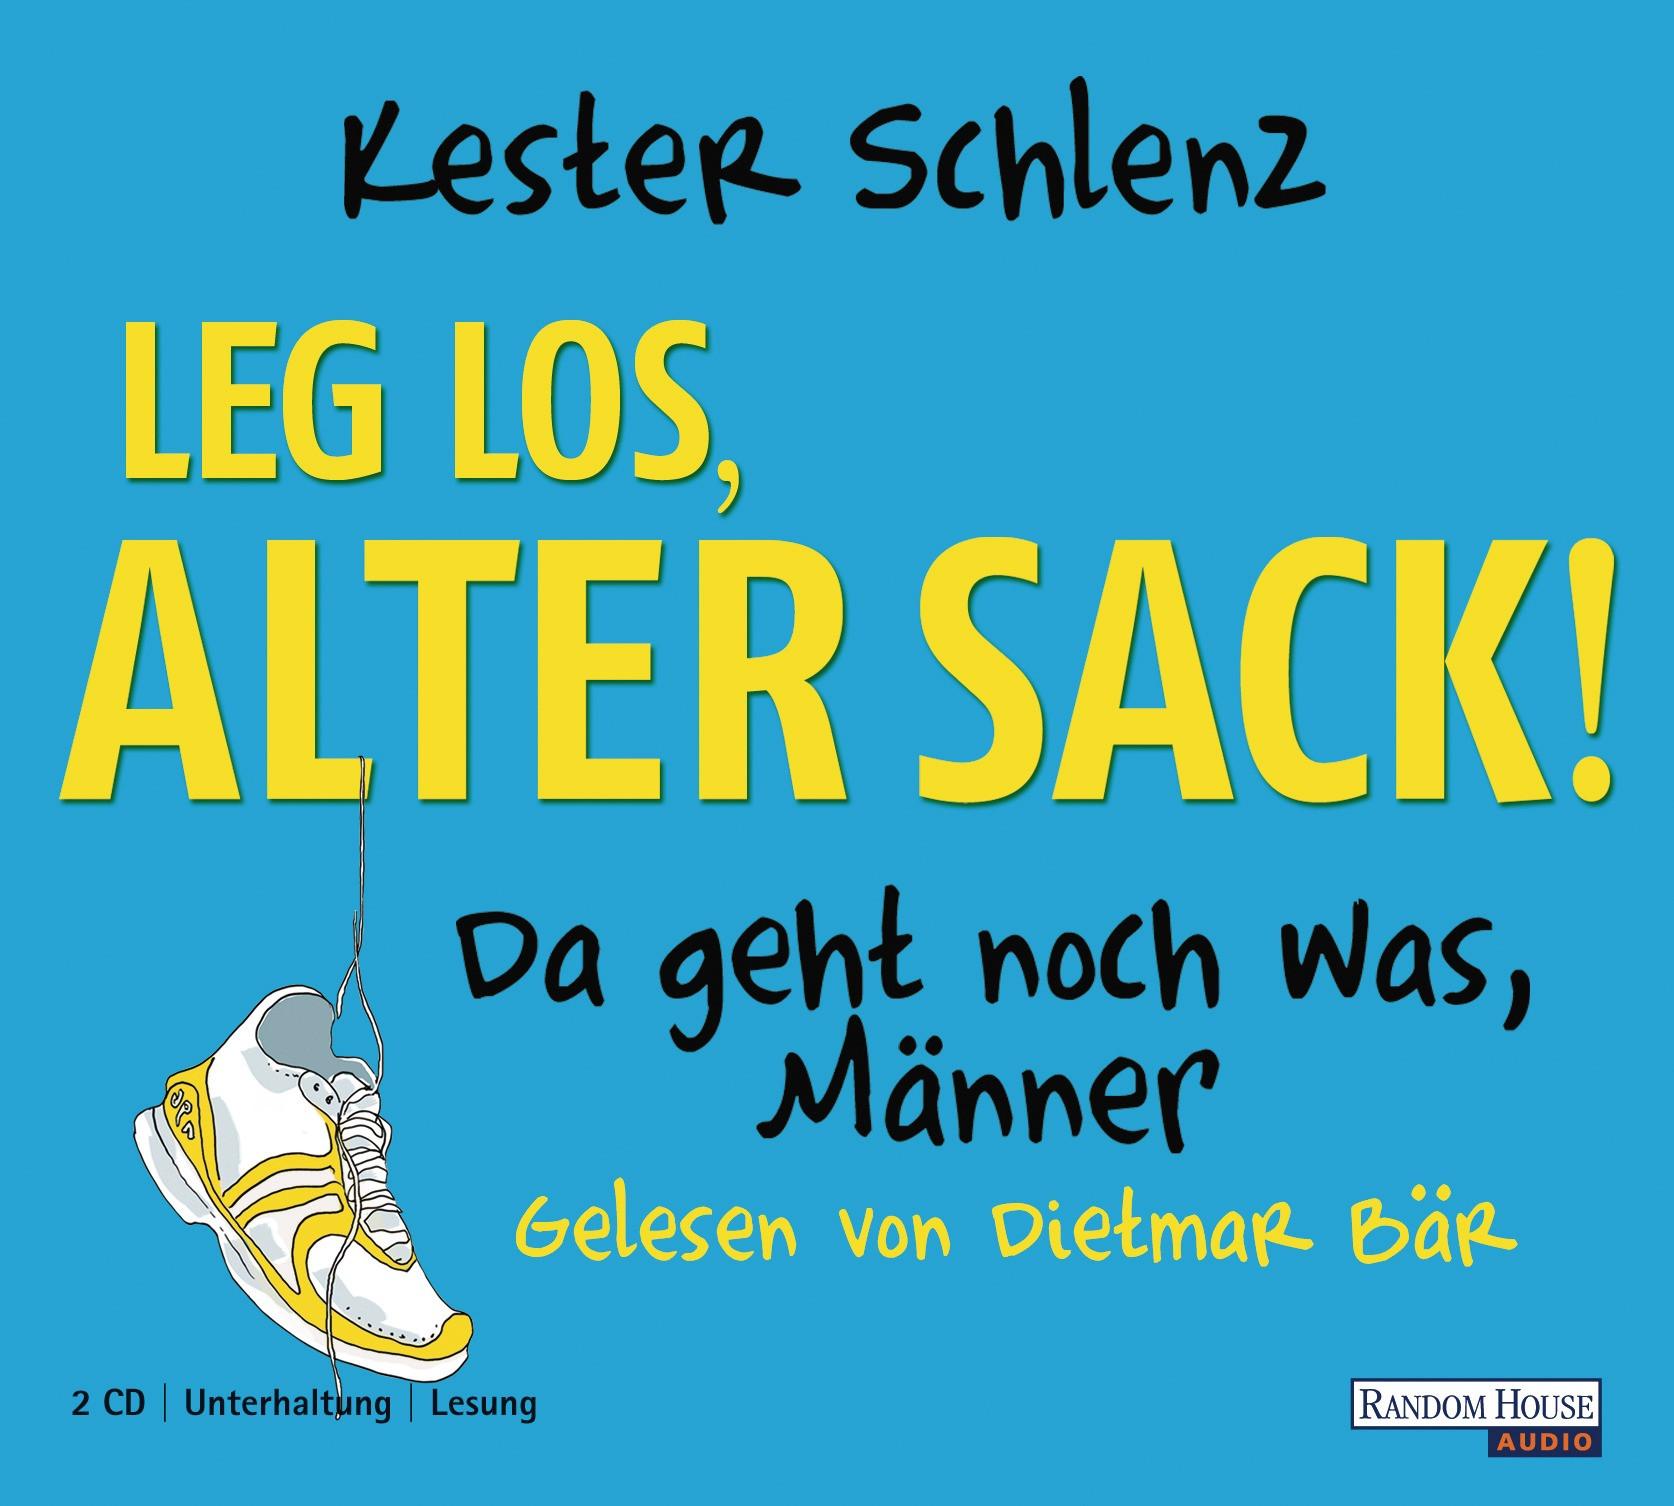 Kester Schlenz - Leg' los, alter Sack!